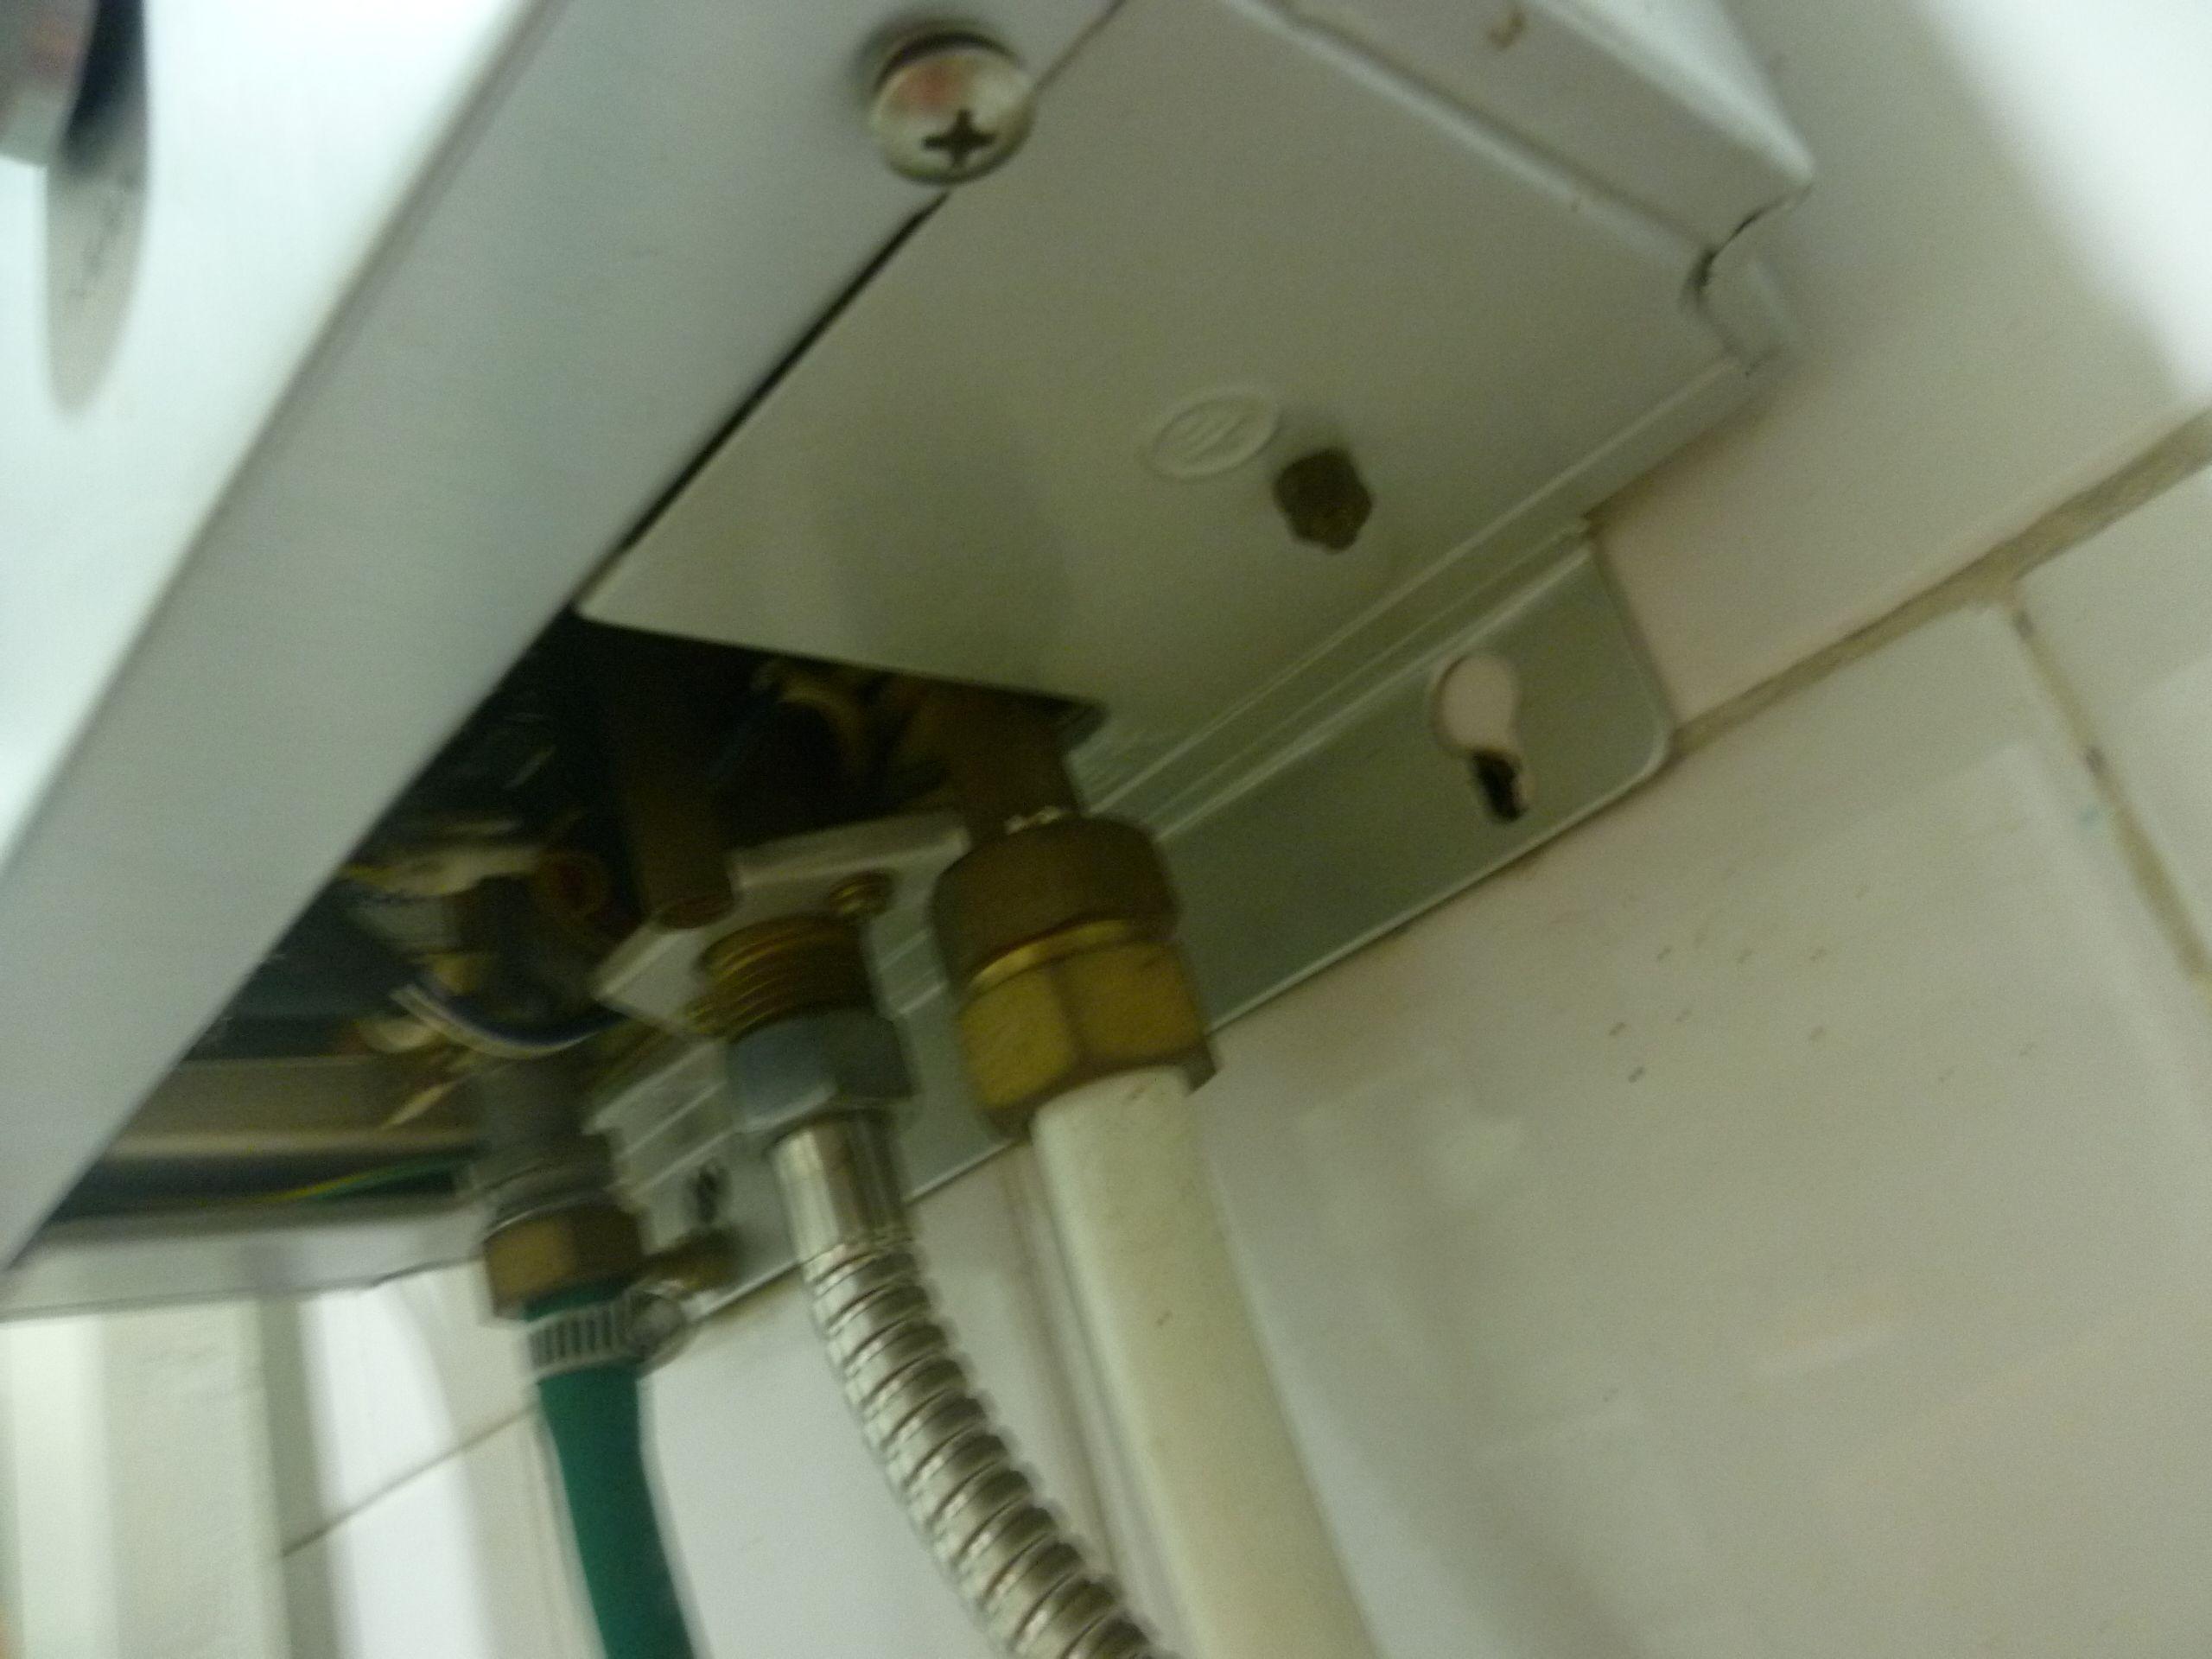 樱雪热水器怎么换电池?